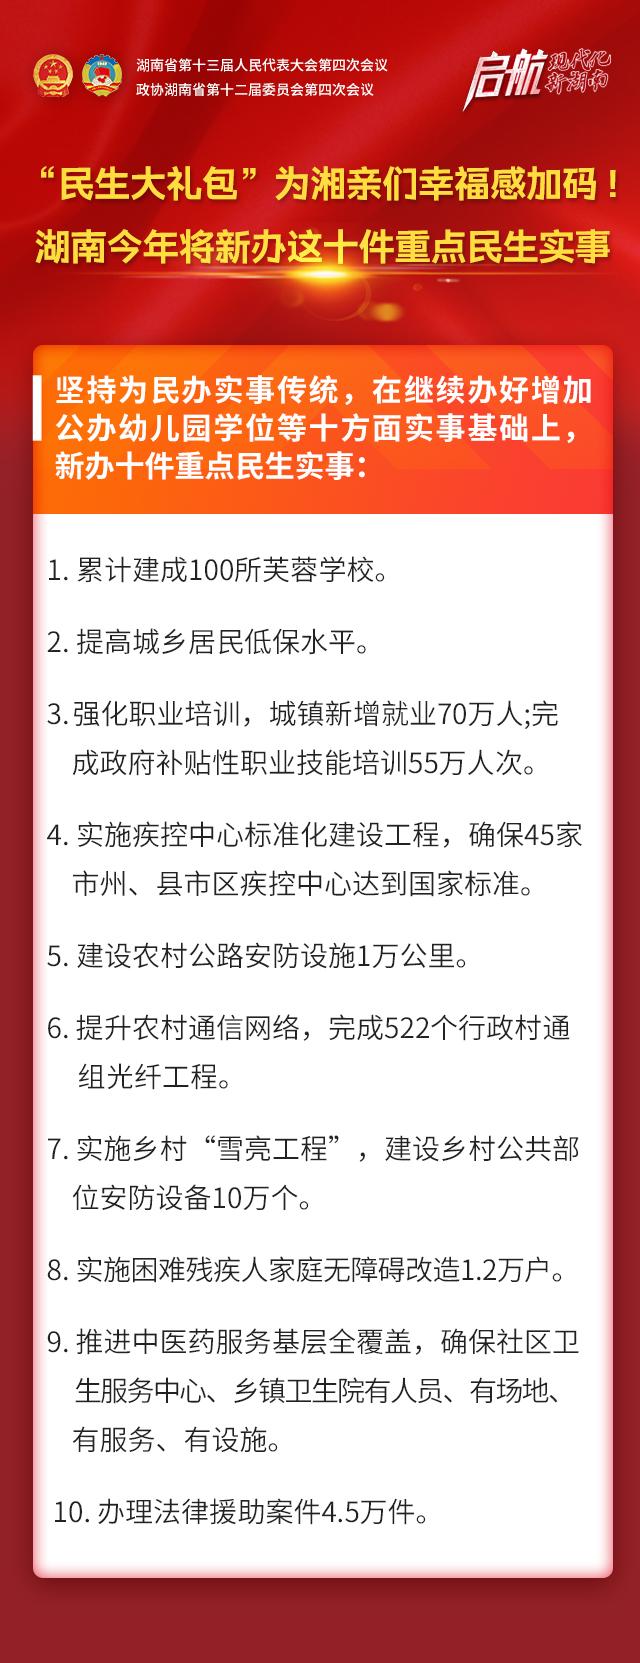 """""""民生大礼包""""为湘亲们幸福感加码!湖南今年将新办这十件重点民生实事 新湖南www.hunanabc.com"""